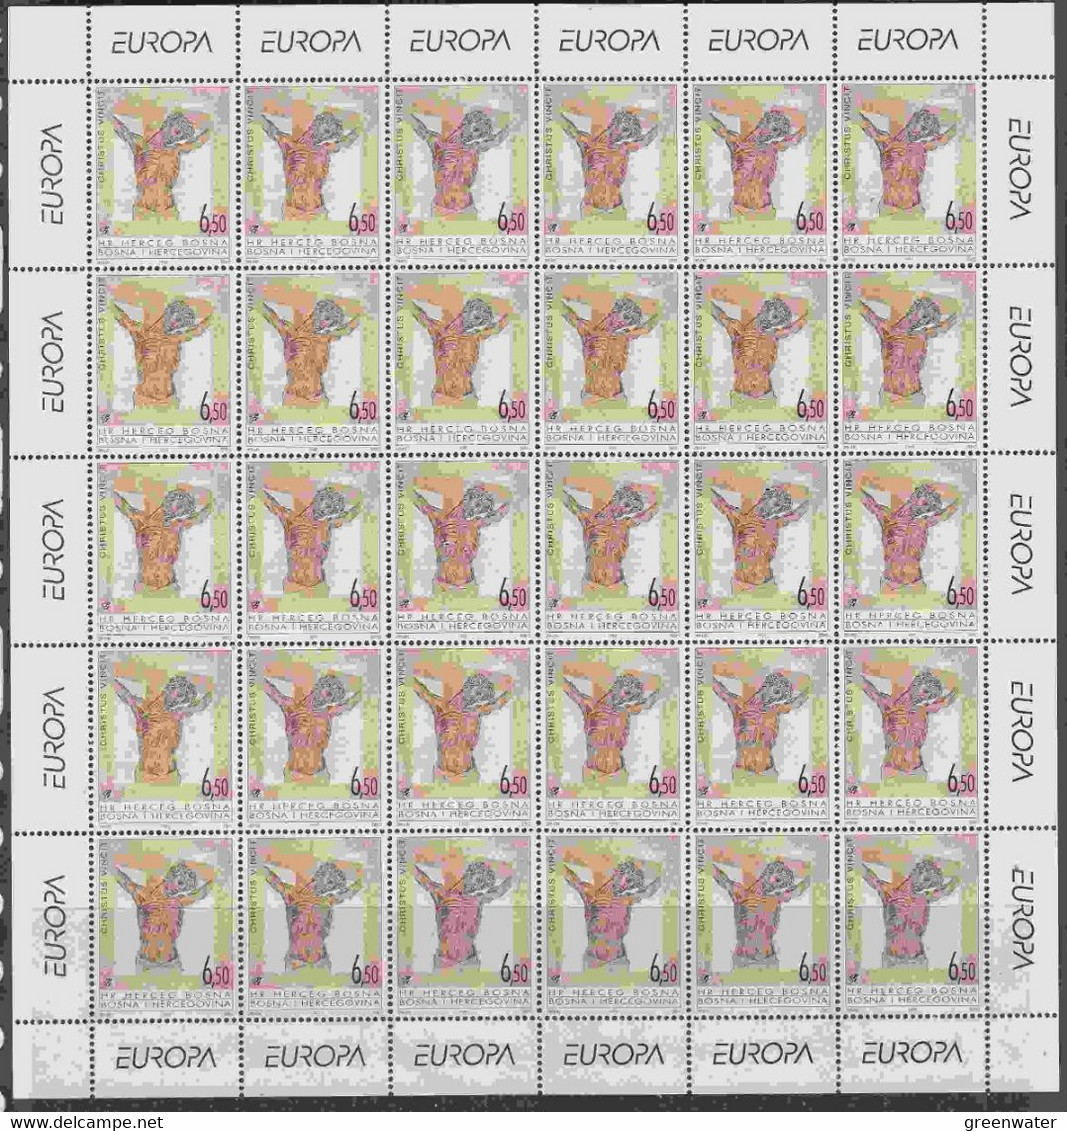 Europa Cept 1995 Bosnia/Herzegovina Mostar 1v Sheetlet (unfolded)  ** Mnh - Promotion - 1995